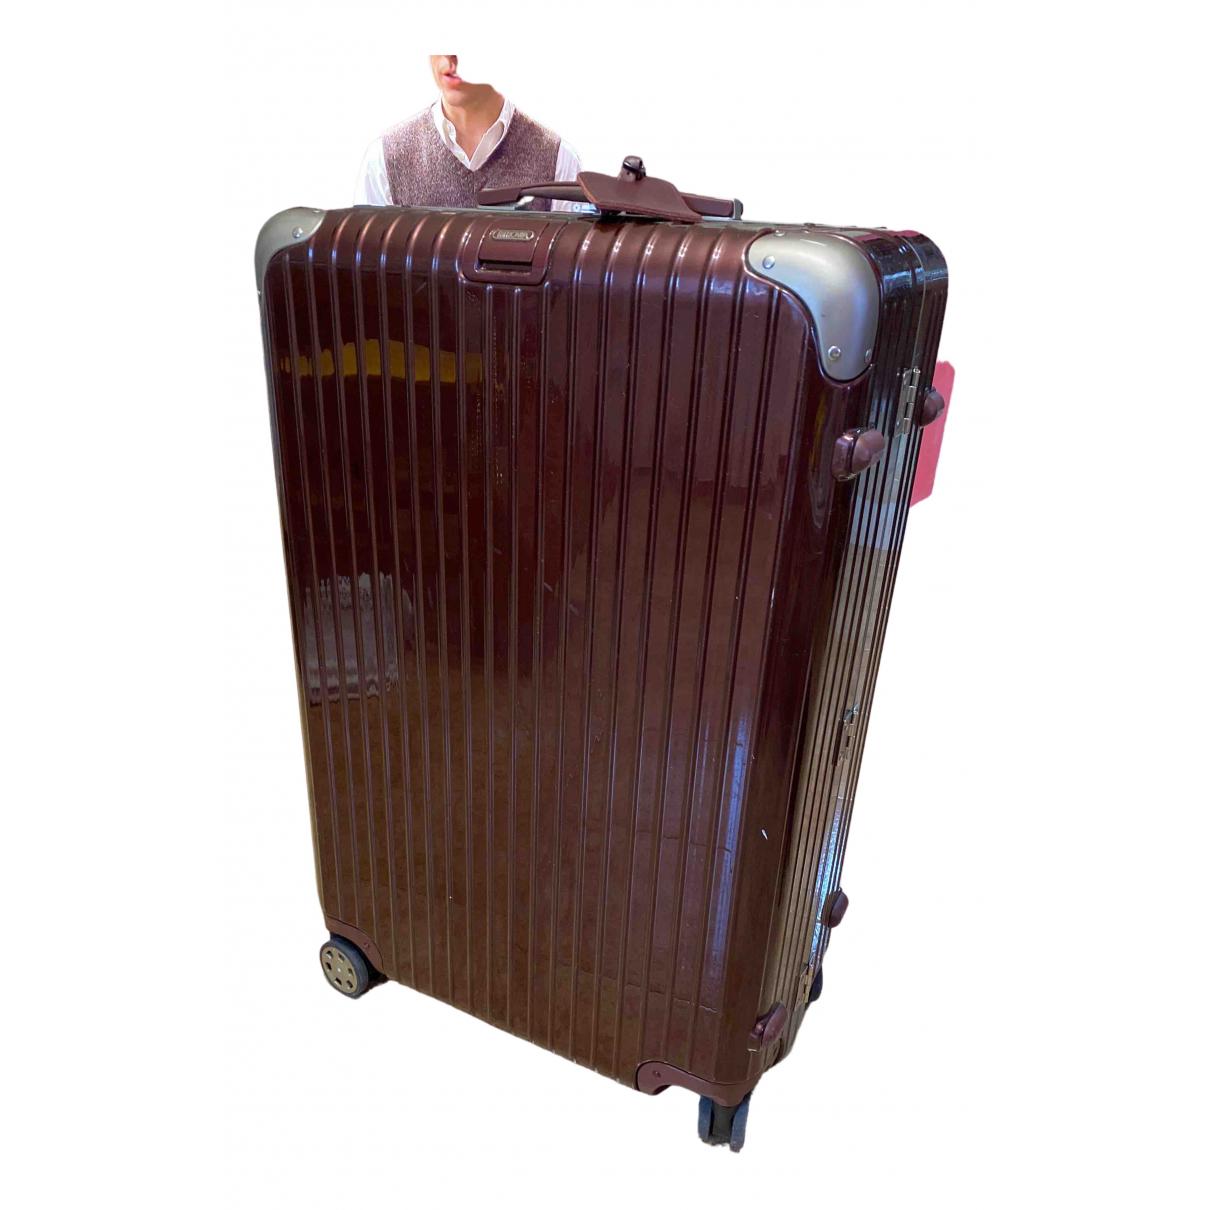 Viajes Trunk size Rimowa